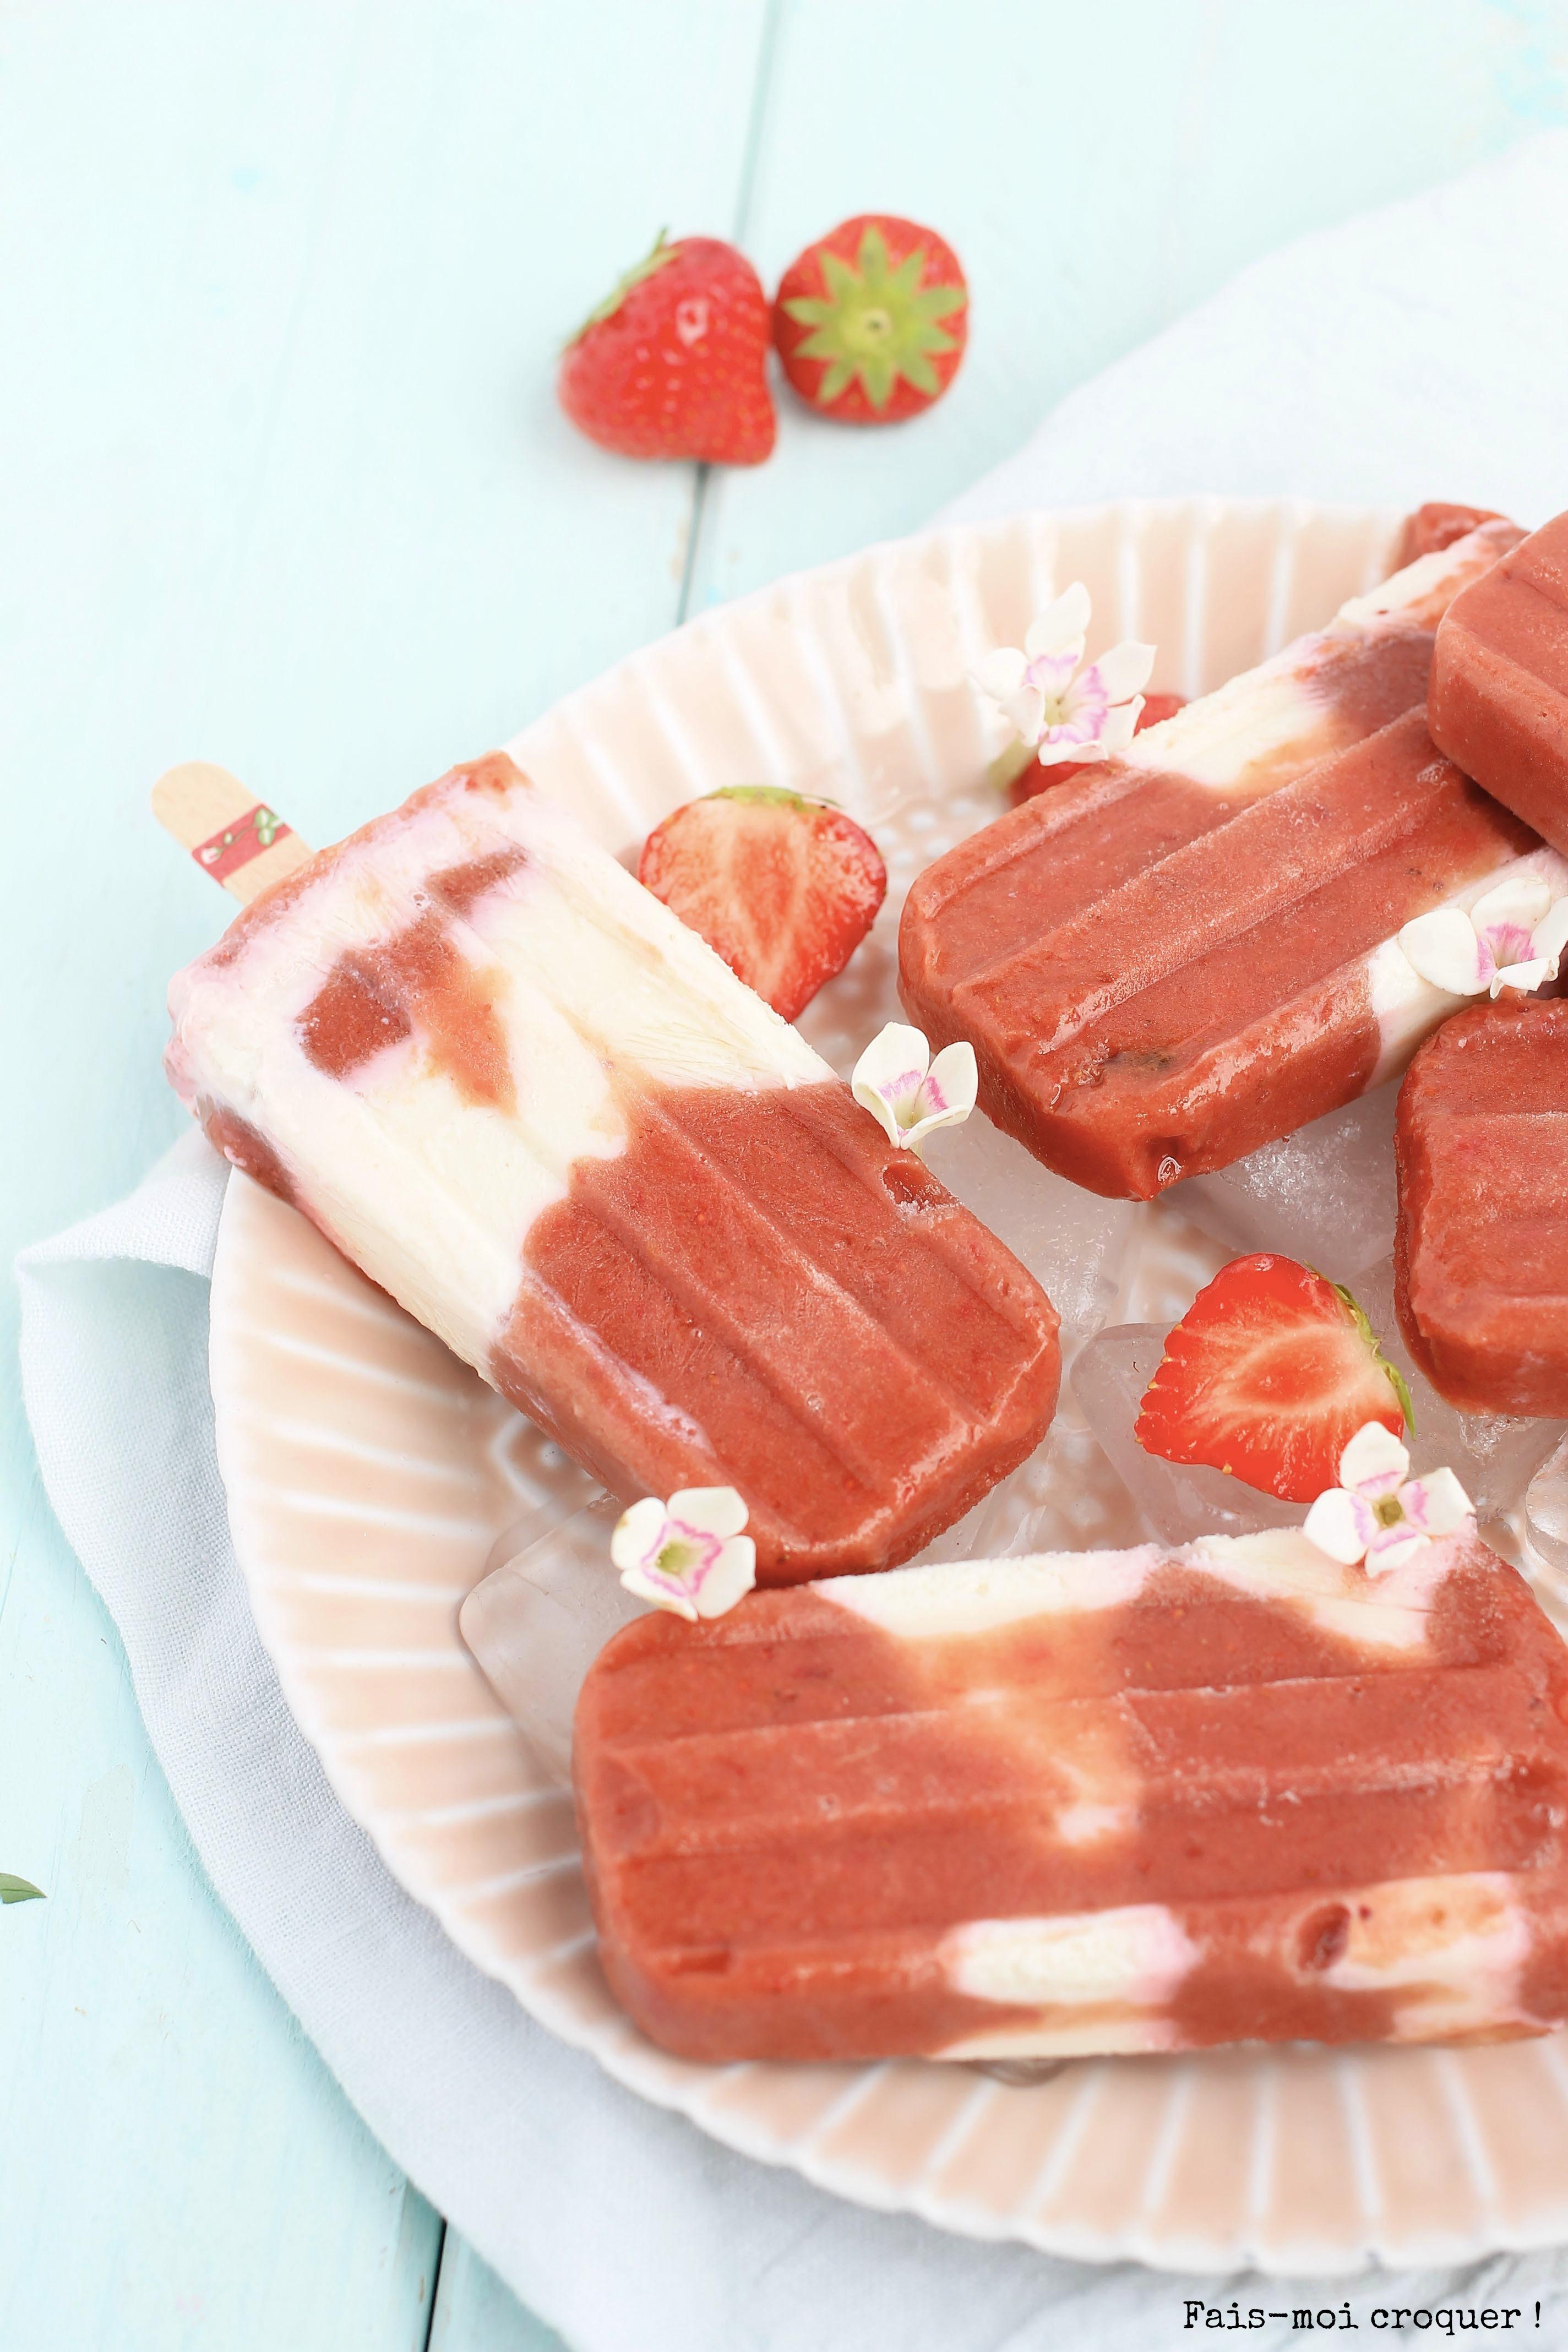 popsicles rhubarbe fraise